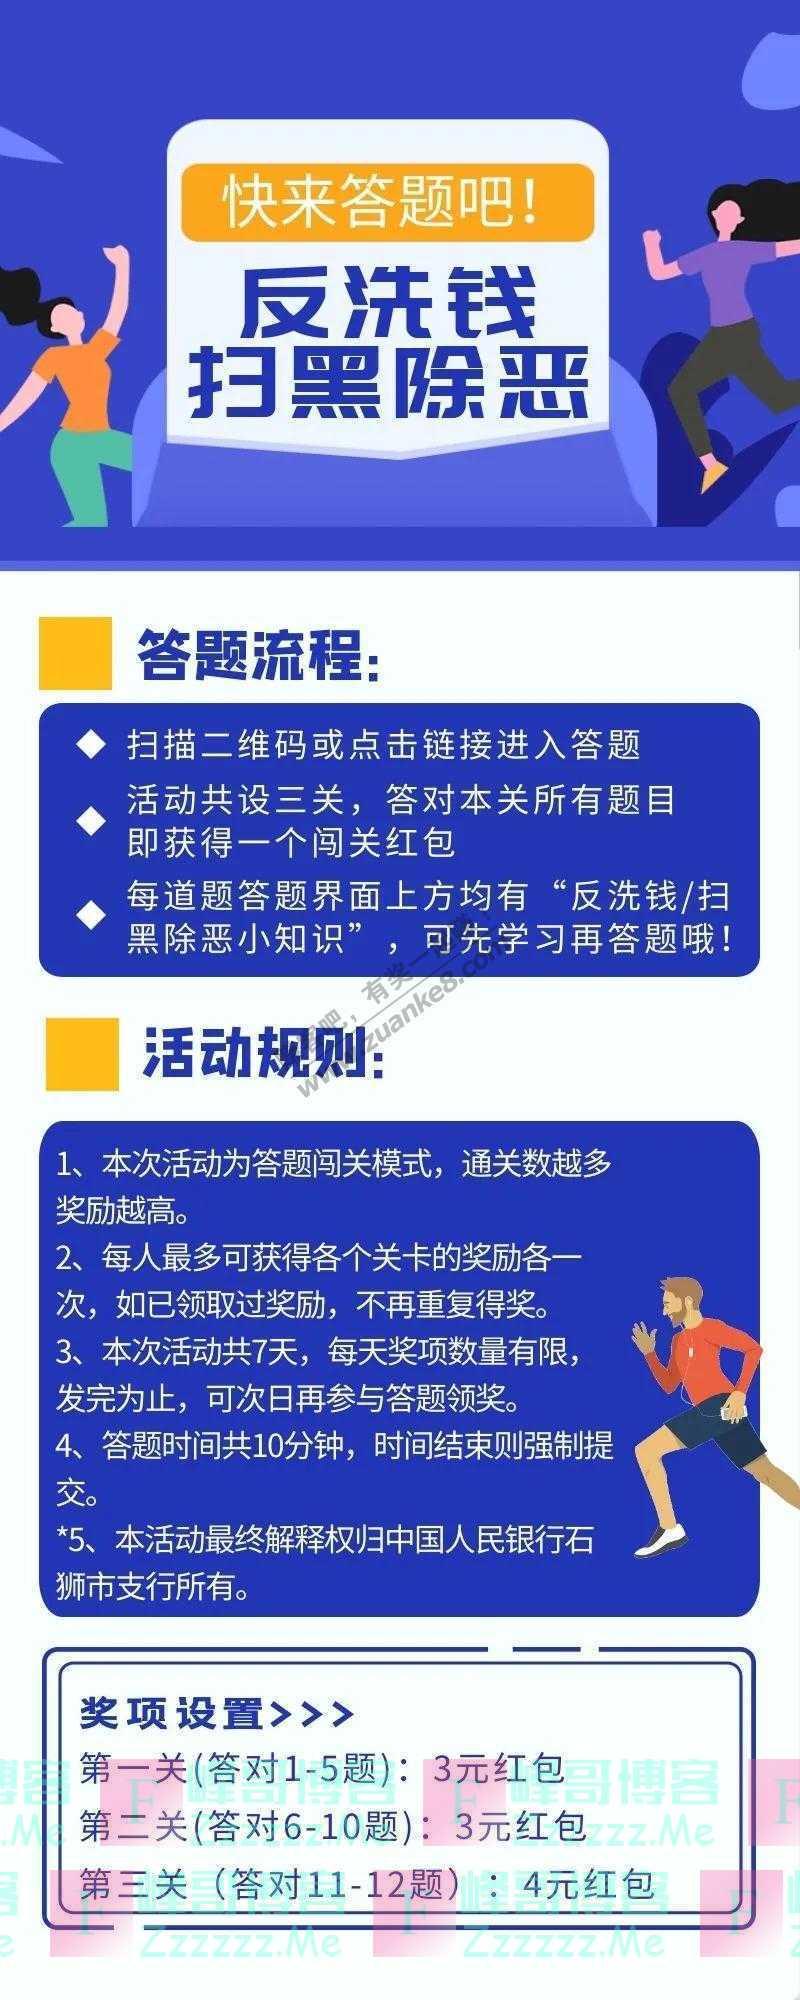 石狮农商银行答题涨知识,学习赢红包(截止8月23日)